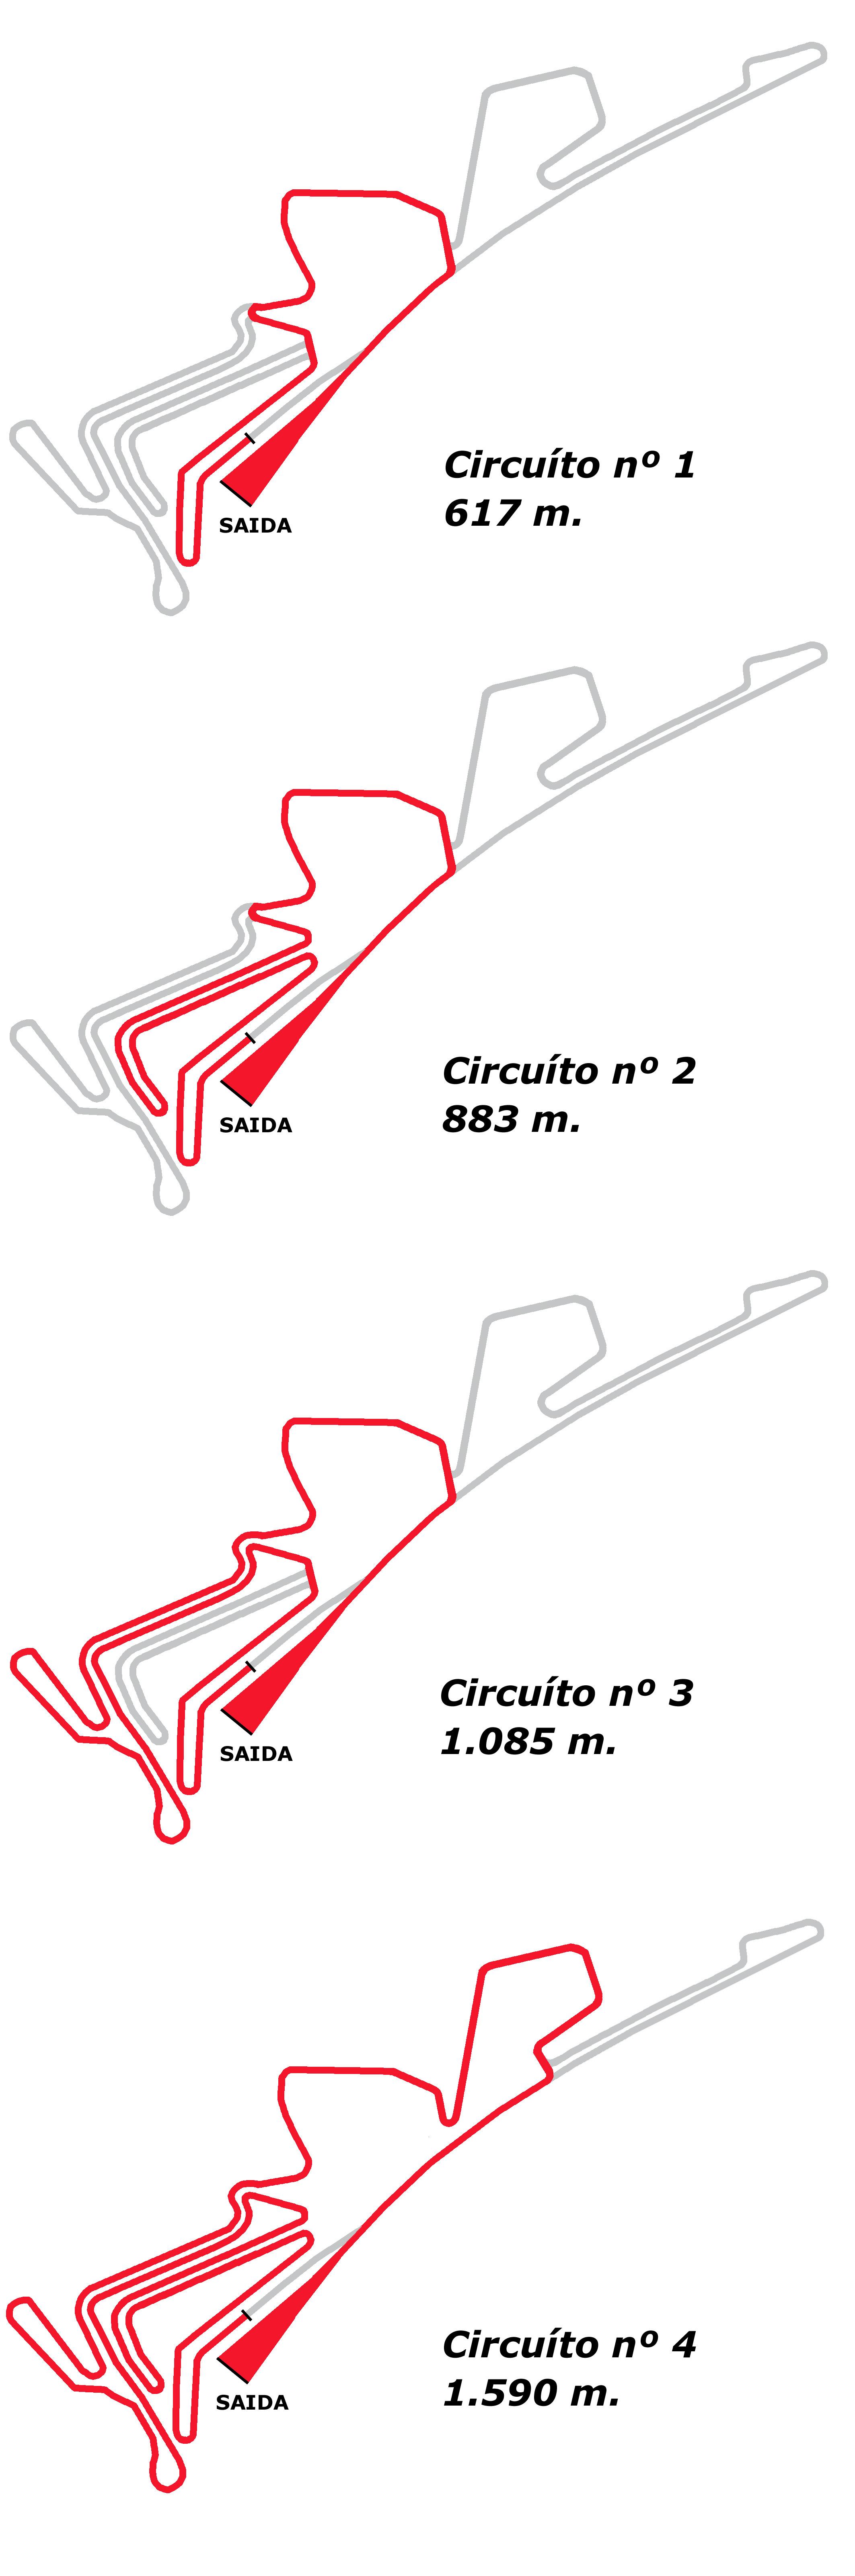 Circuitos 2015